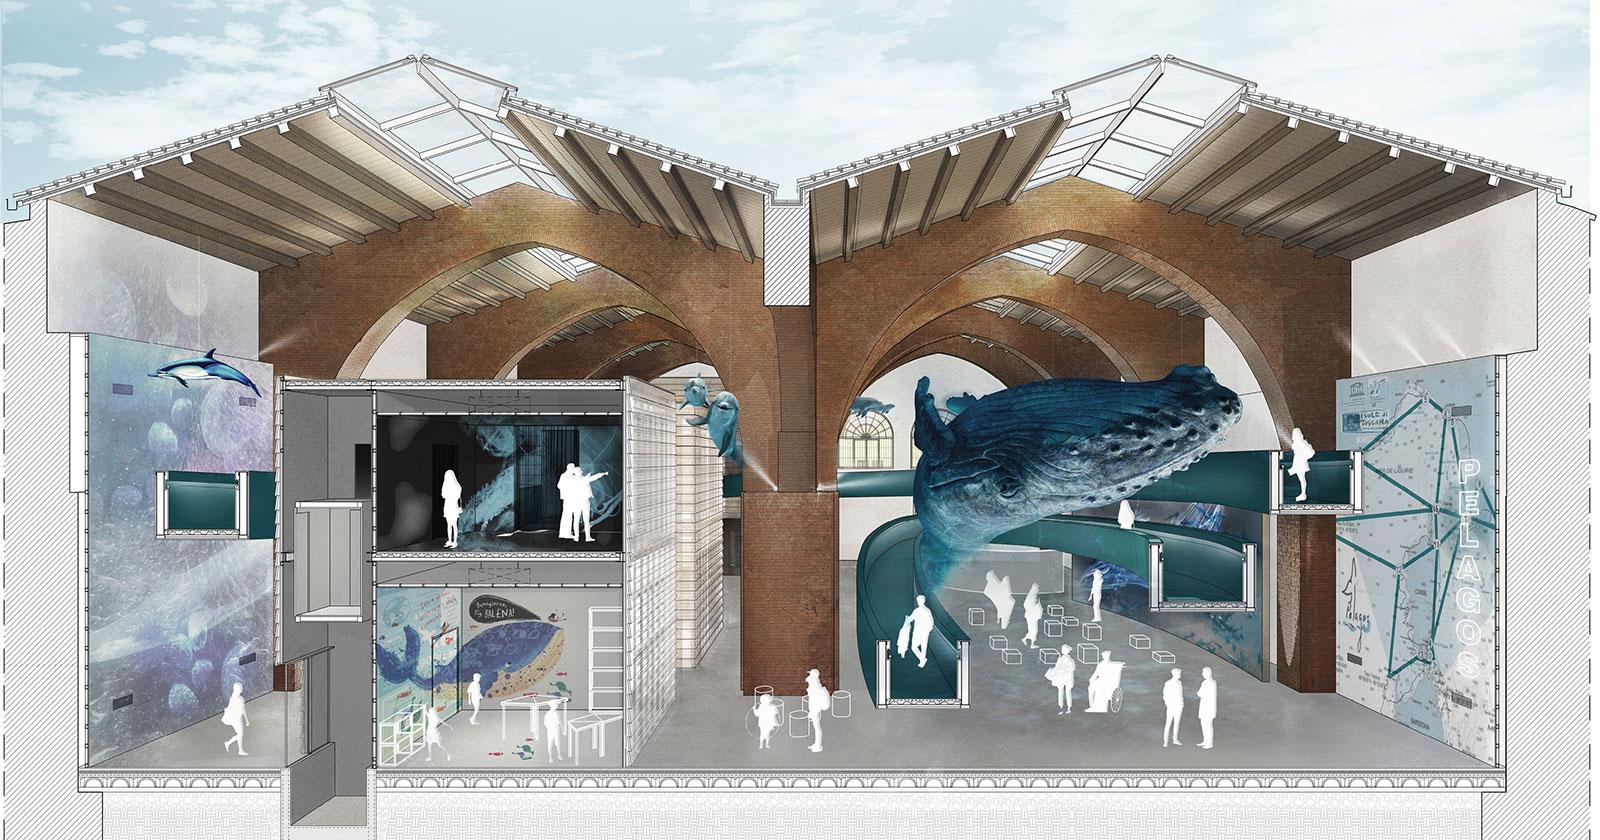 Allestimento ad alto impatto emozionale: le ex Galeazze a Portoferraio rinascono con il centro grandi cetacei